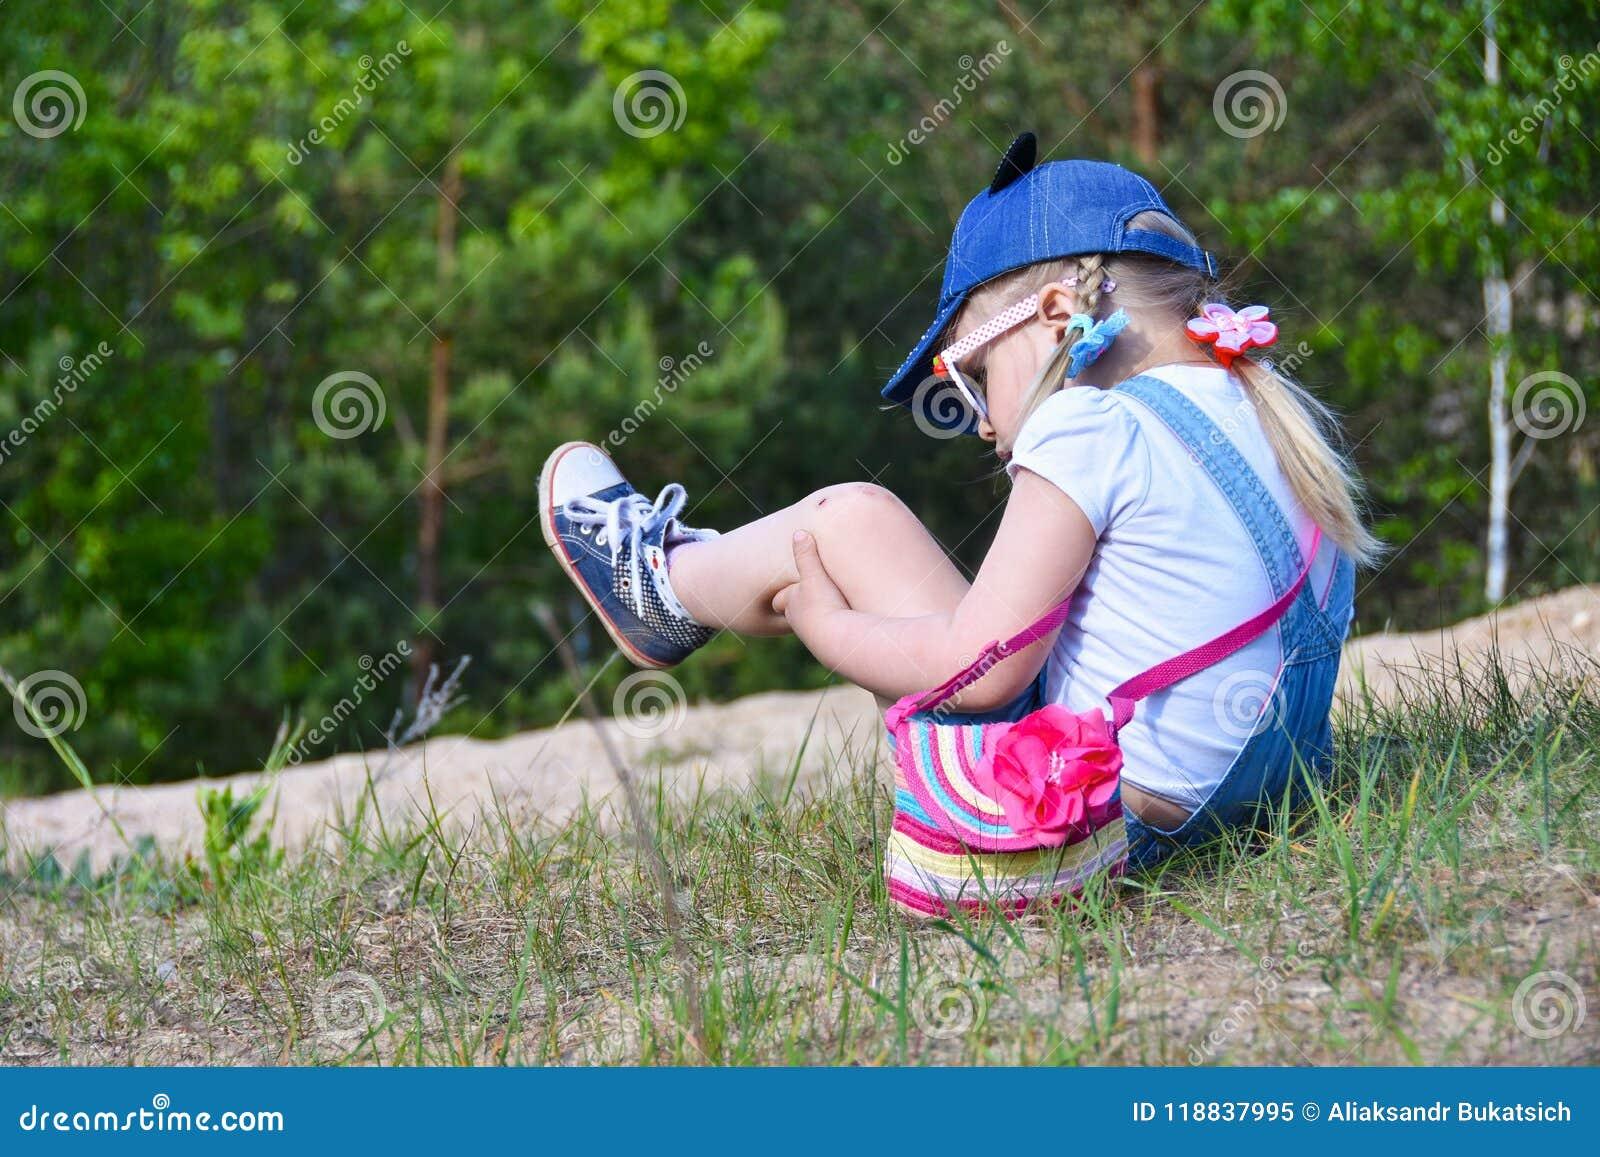 Une petite fille est tombée sur la rue dans le domaine, a rayé son genou et tient ses jambes